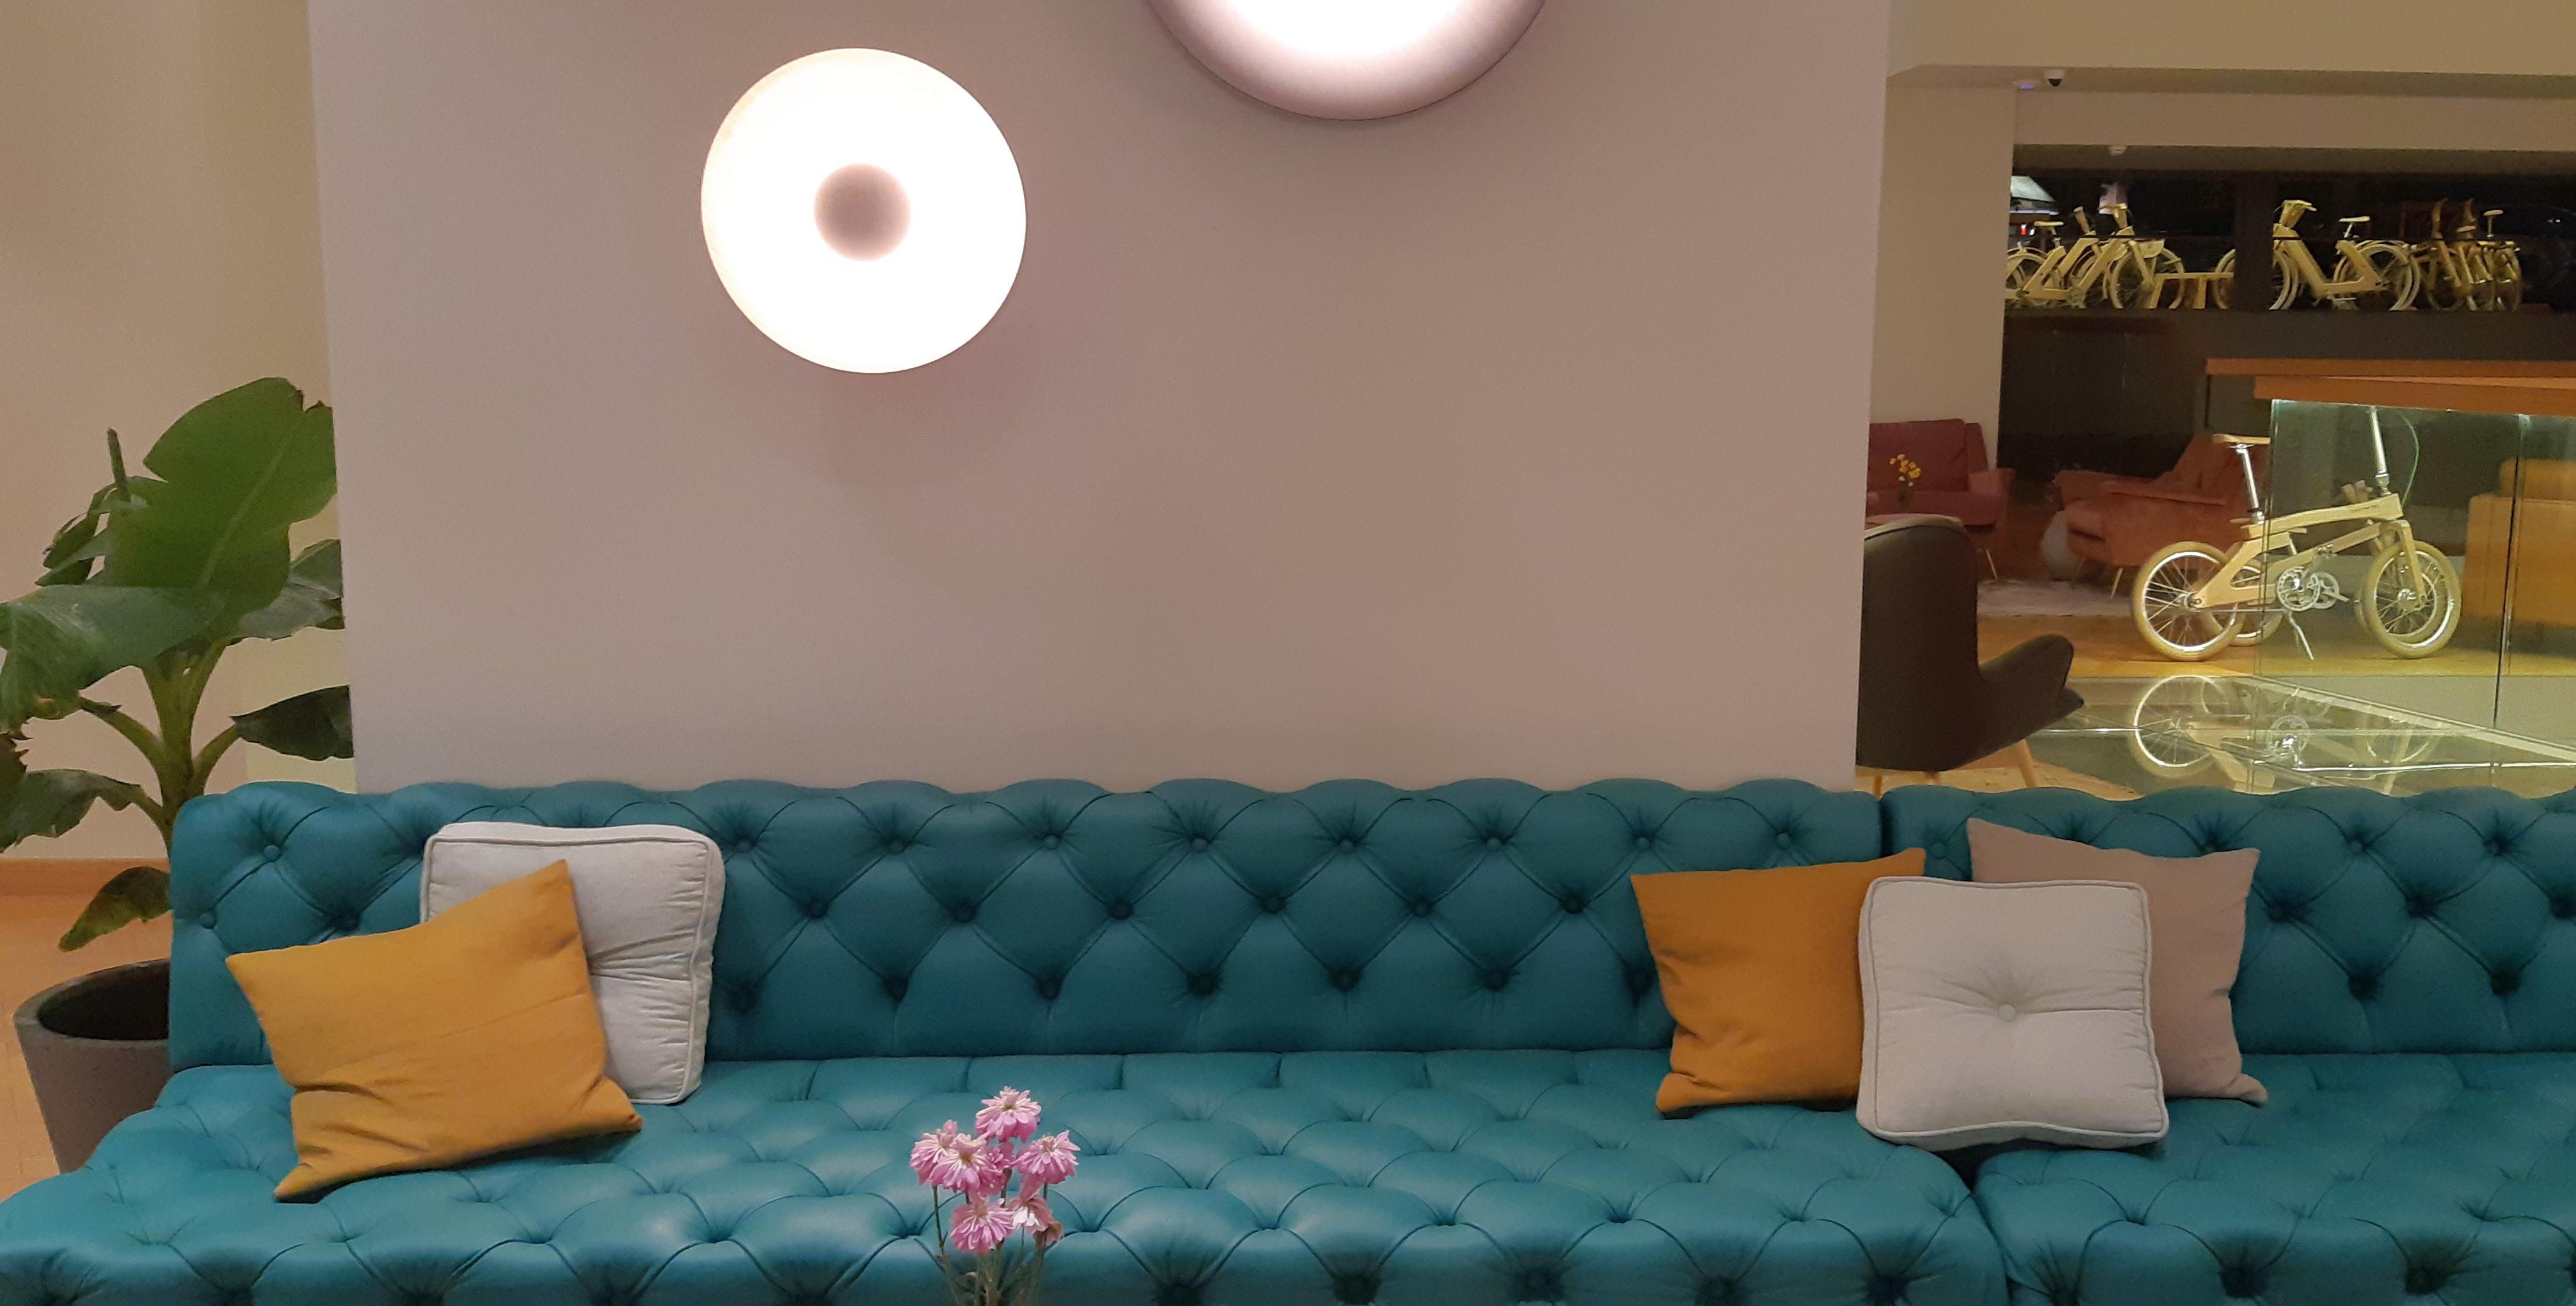 divani coco mat athens bc albergo eco friendly atene